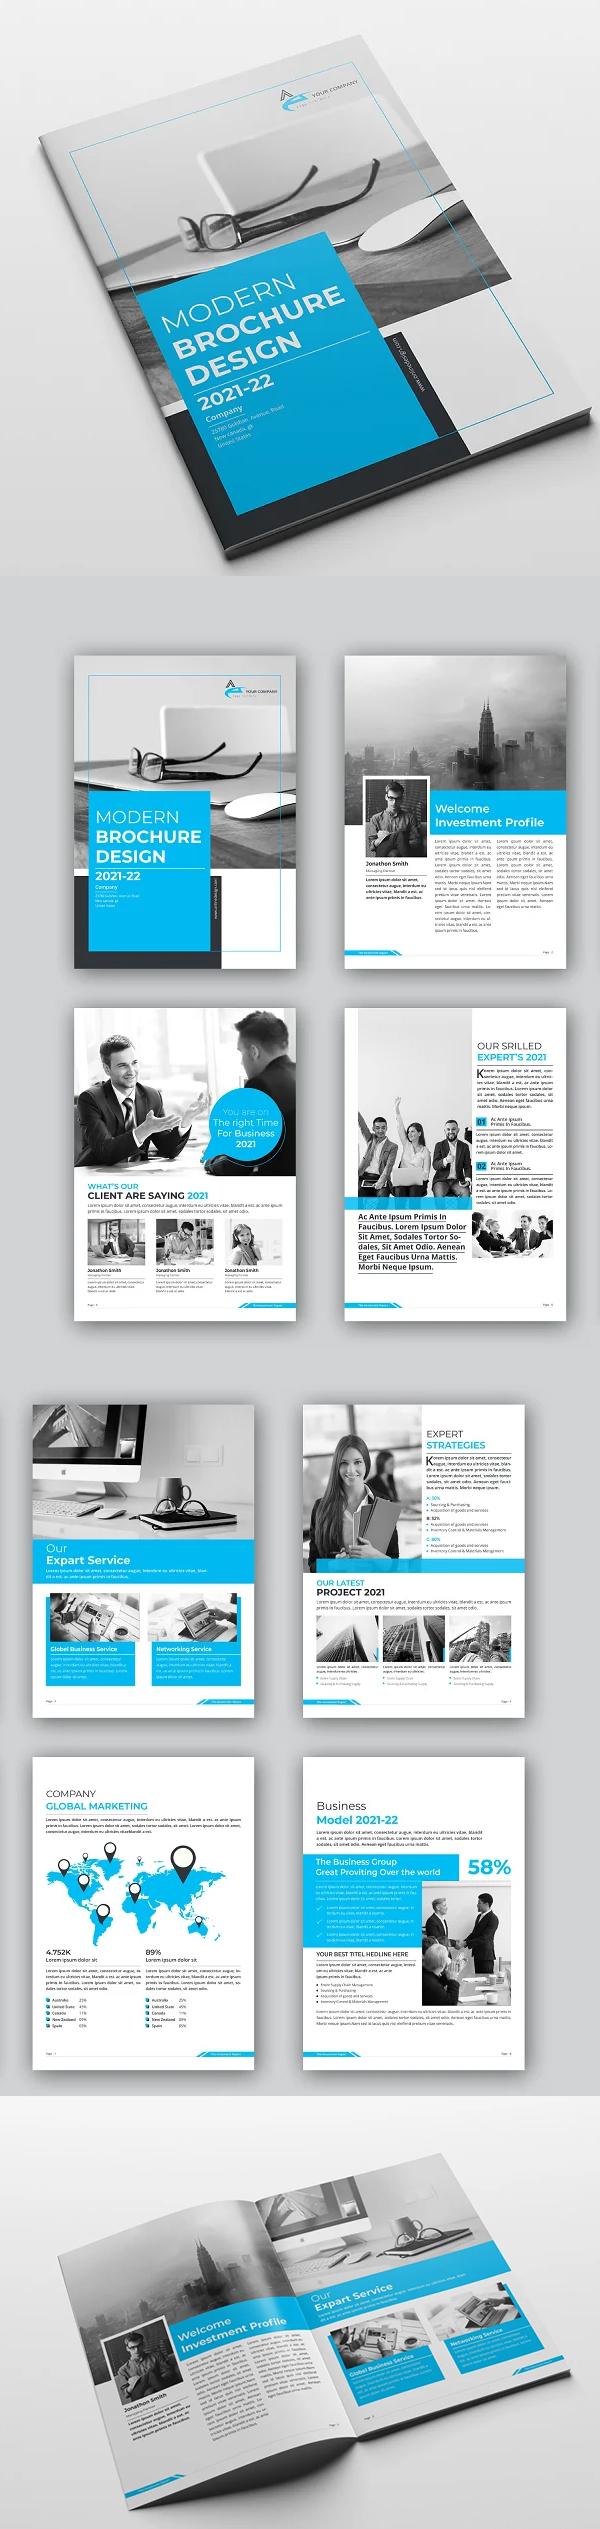 Modern Brochure Design 12 Pages